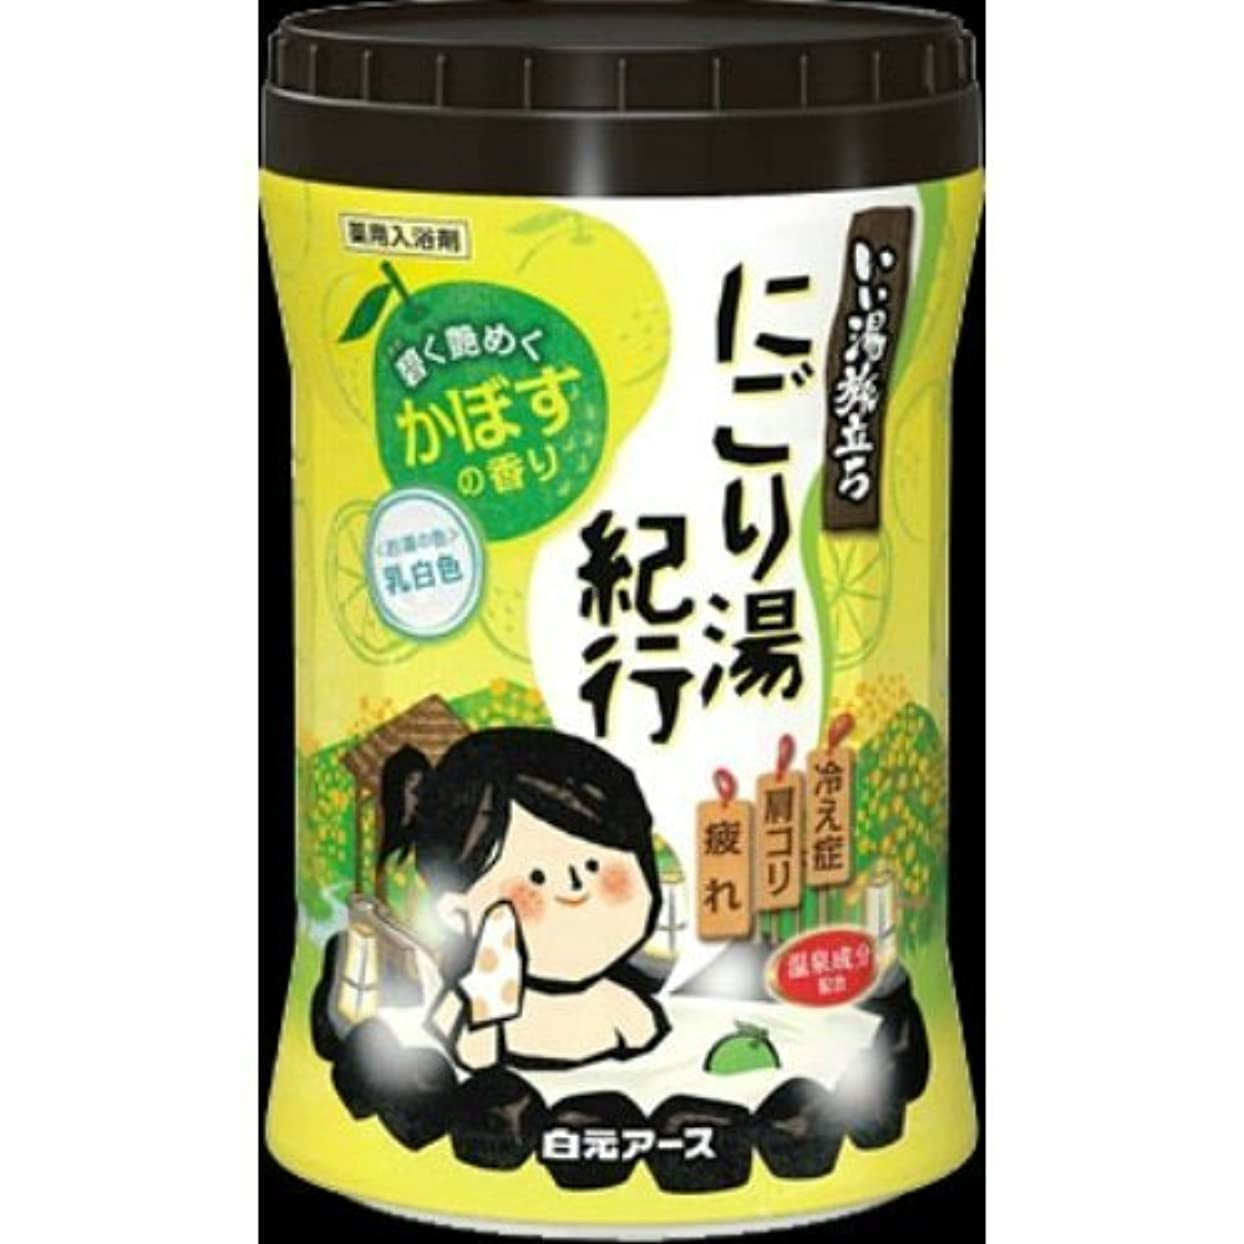 レベル尾借りるいい湯旅立ちボトル にごり湯紀行 かぼすの香り600g × 15個セット